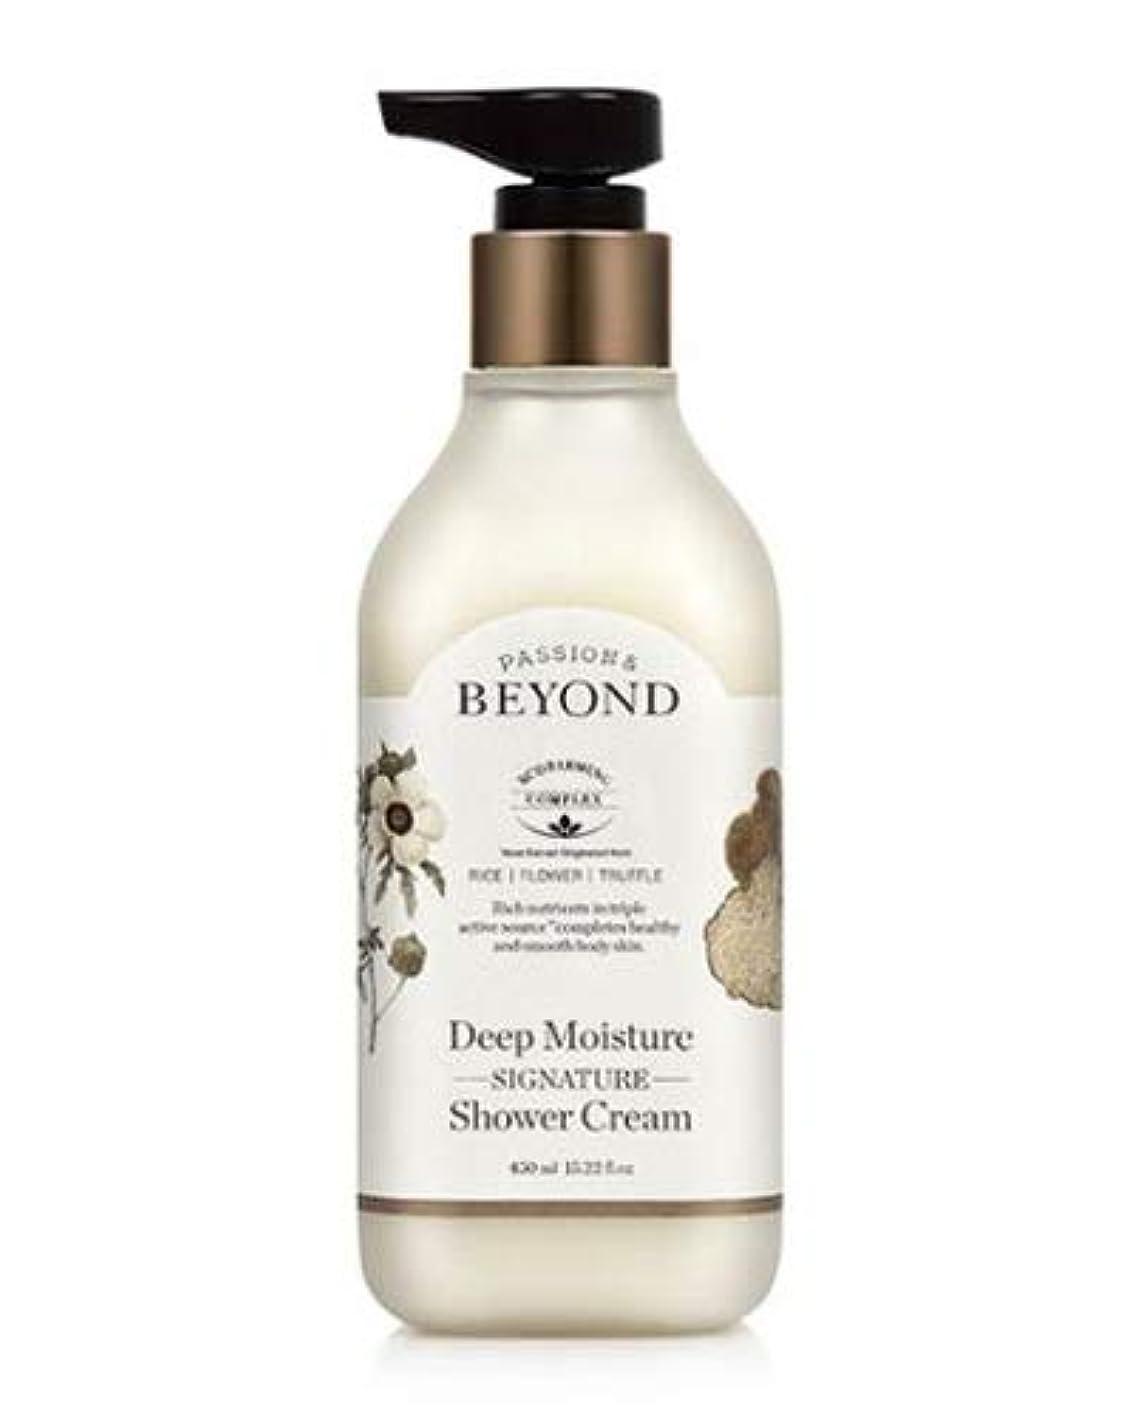 球状経済的墓地[ビヨンド] BEYOND [ディープモイスチャー シグネチャー シャワークリーム 450ml] Deep Moisture Signature Shower Cream 450ml [海外直送品]